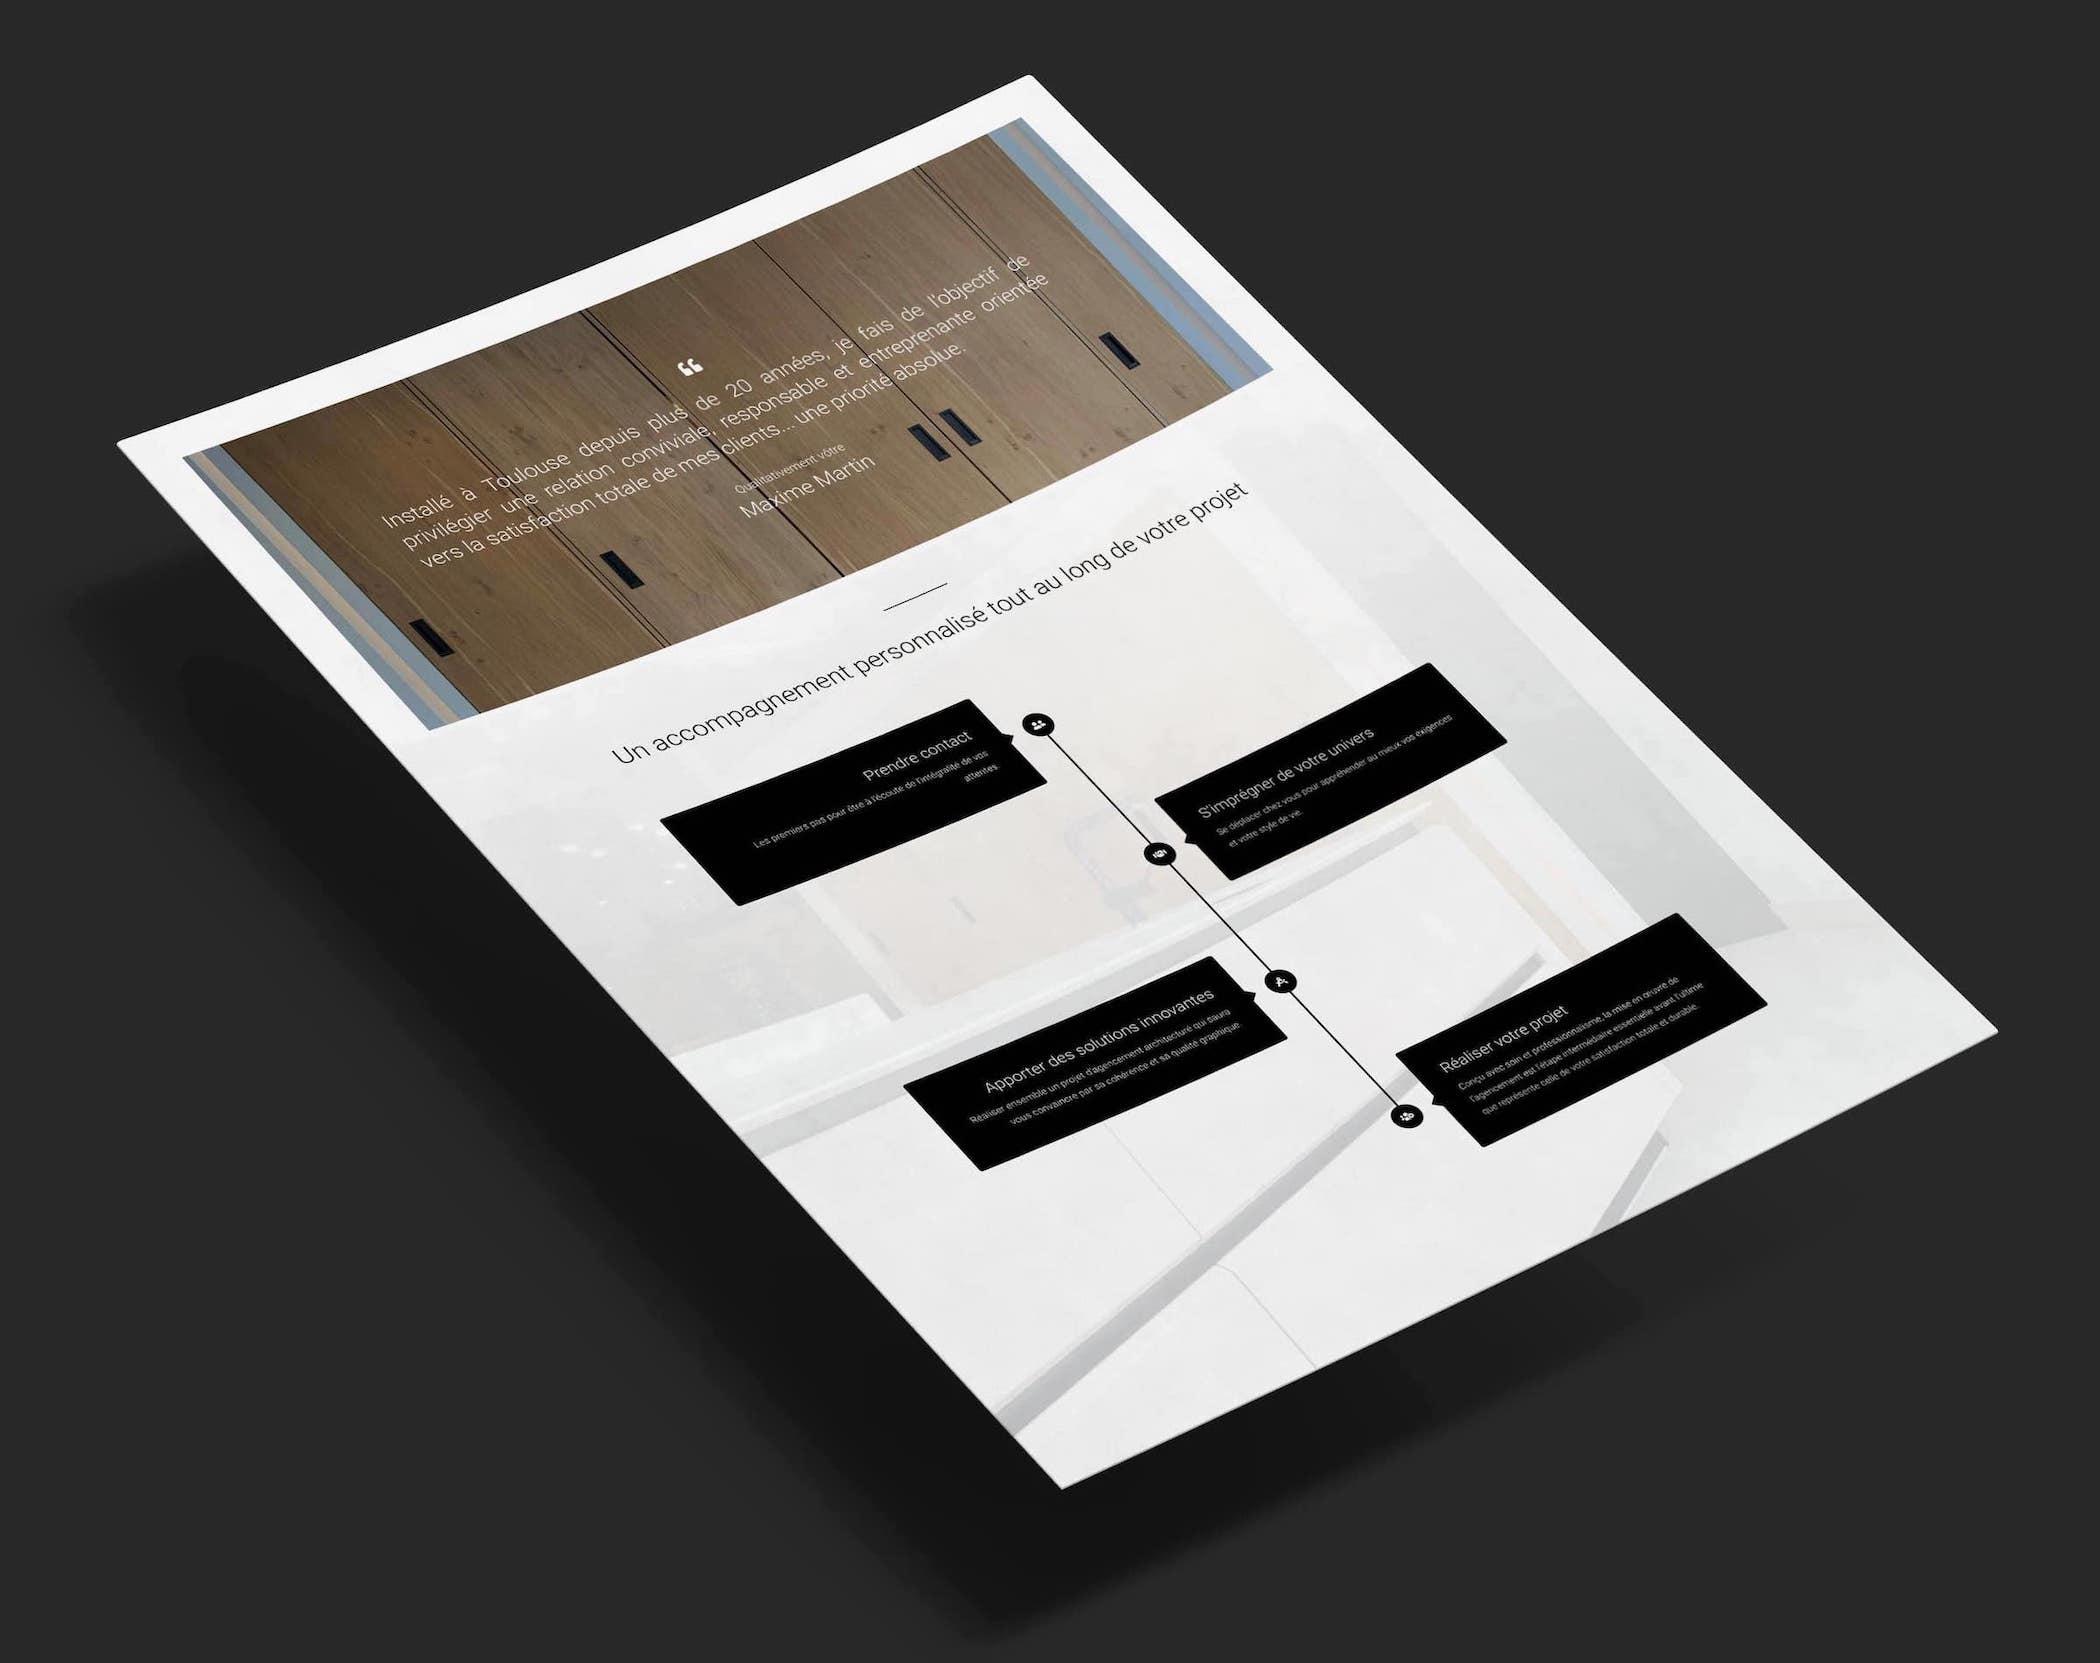 maquette du site web Maxime Home Design